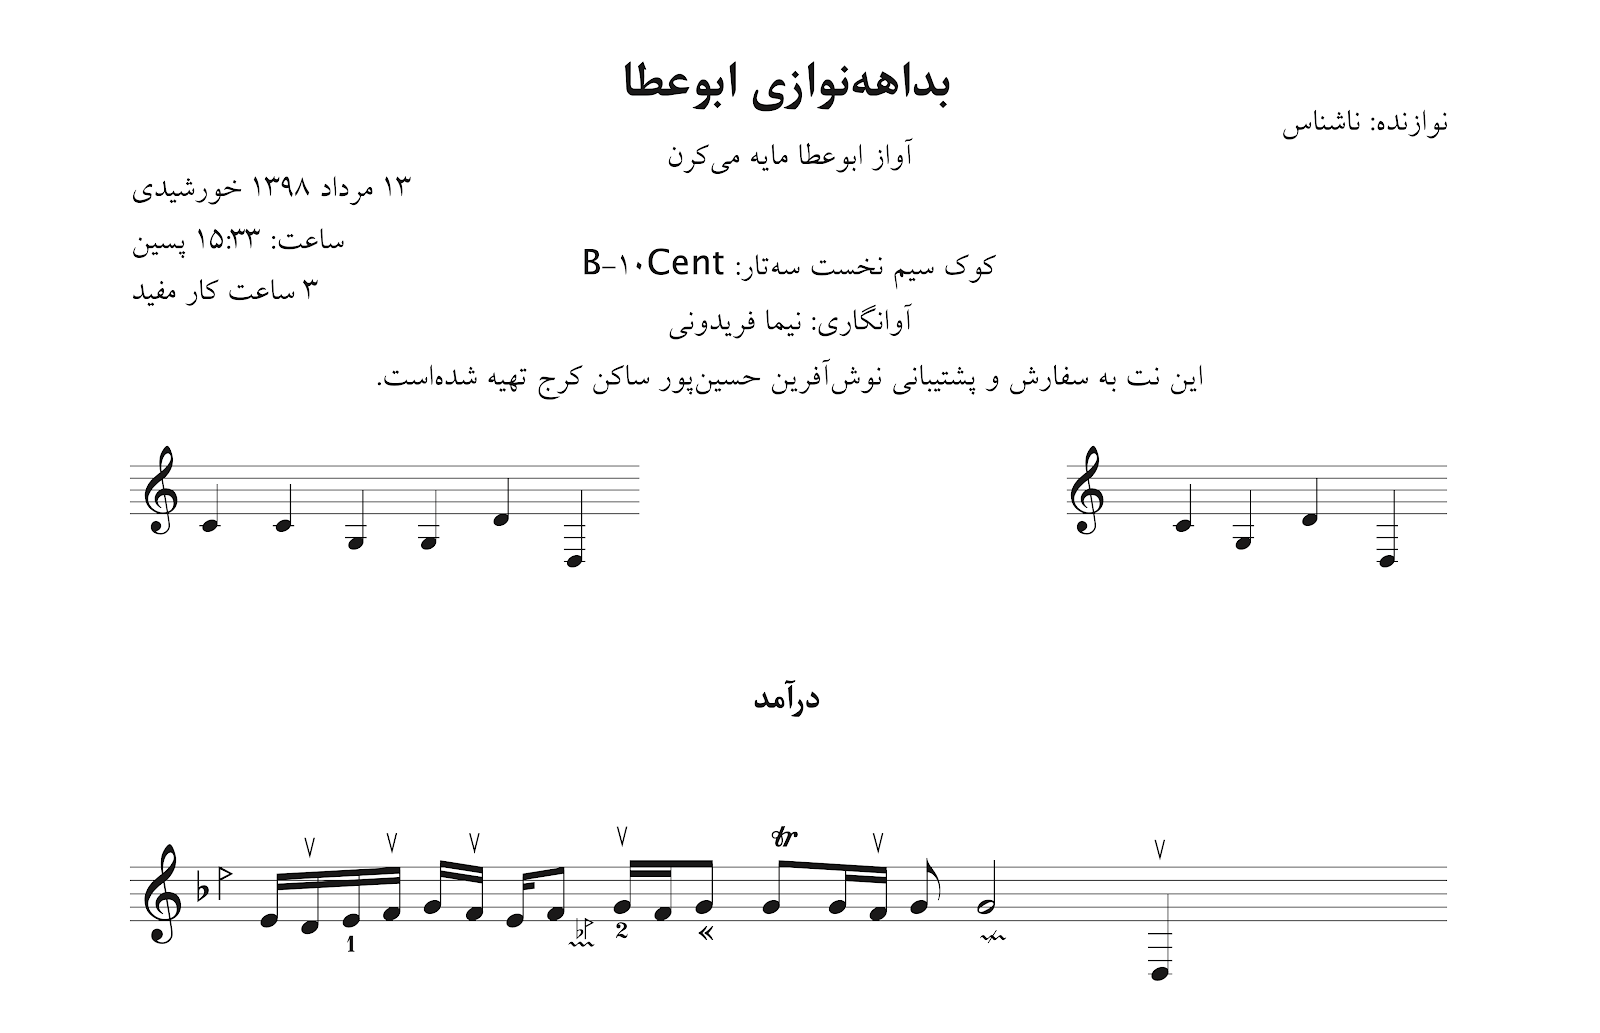 نت بداههنوازی سهتار آواز ابوعطا میکرن نوازنده ناشناس آوانگاری نیما فریدونی